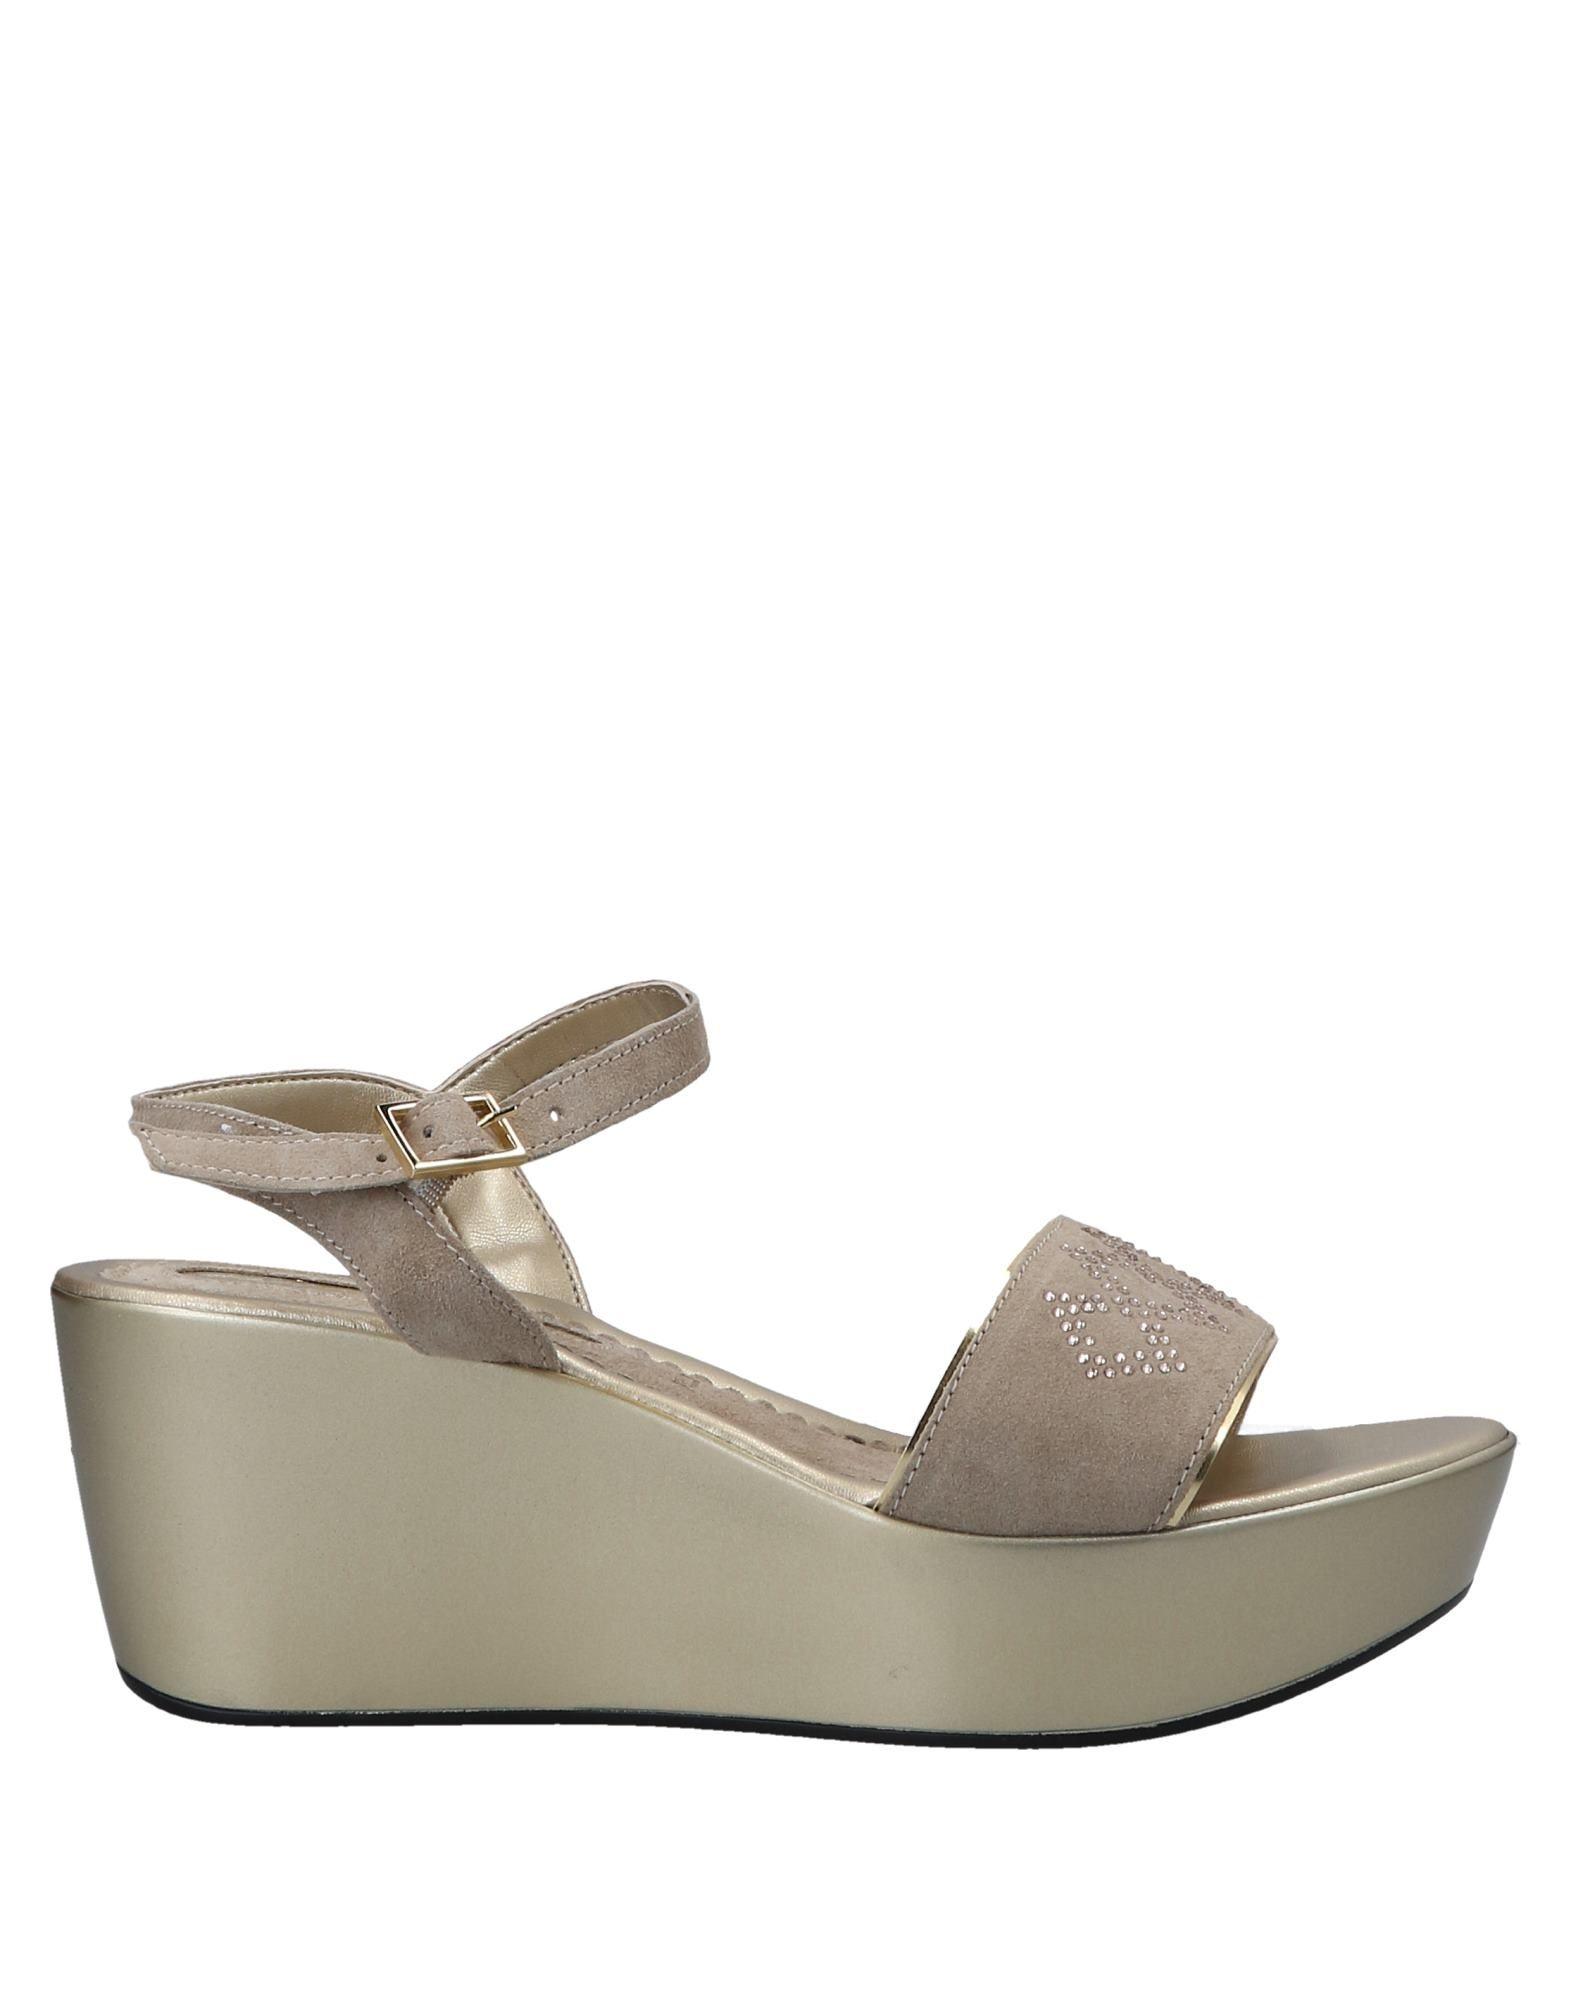 David Haron Sandalen Damen  11552253FX Gute Qualität beliebte Schuhe